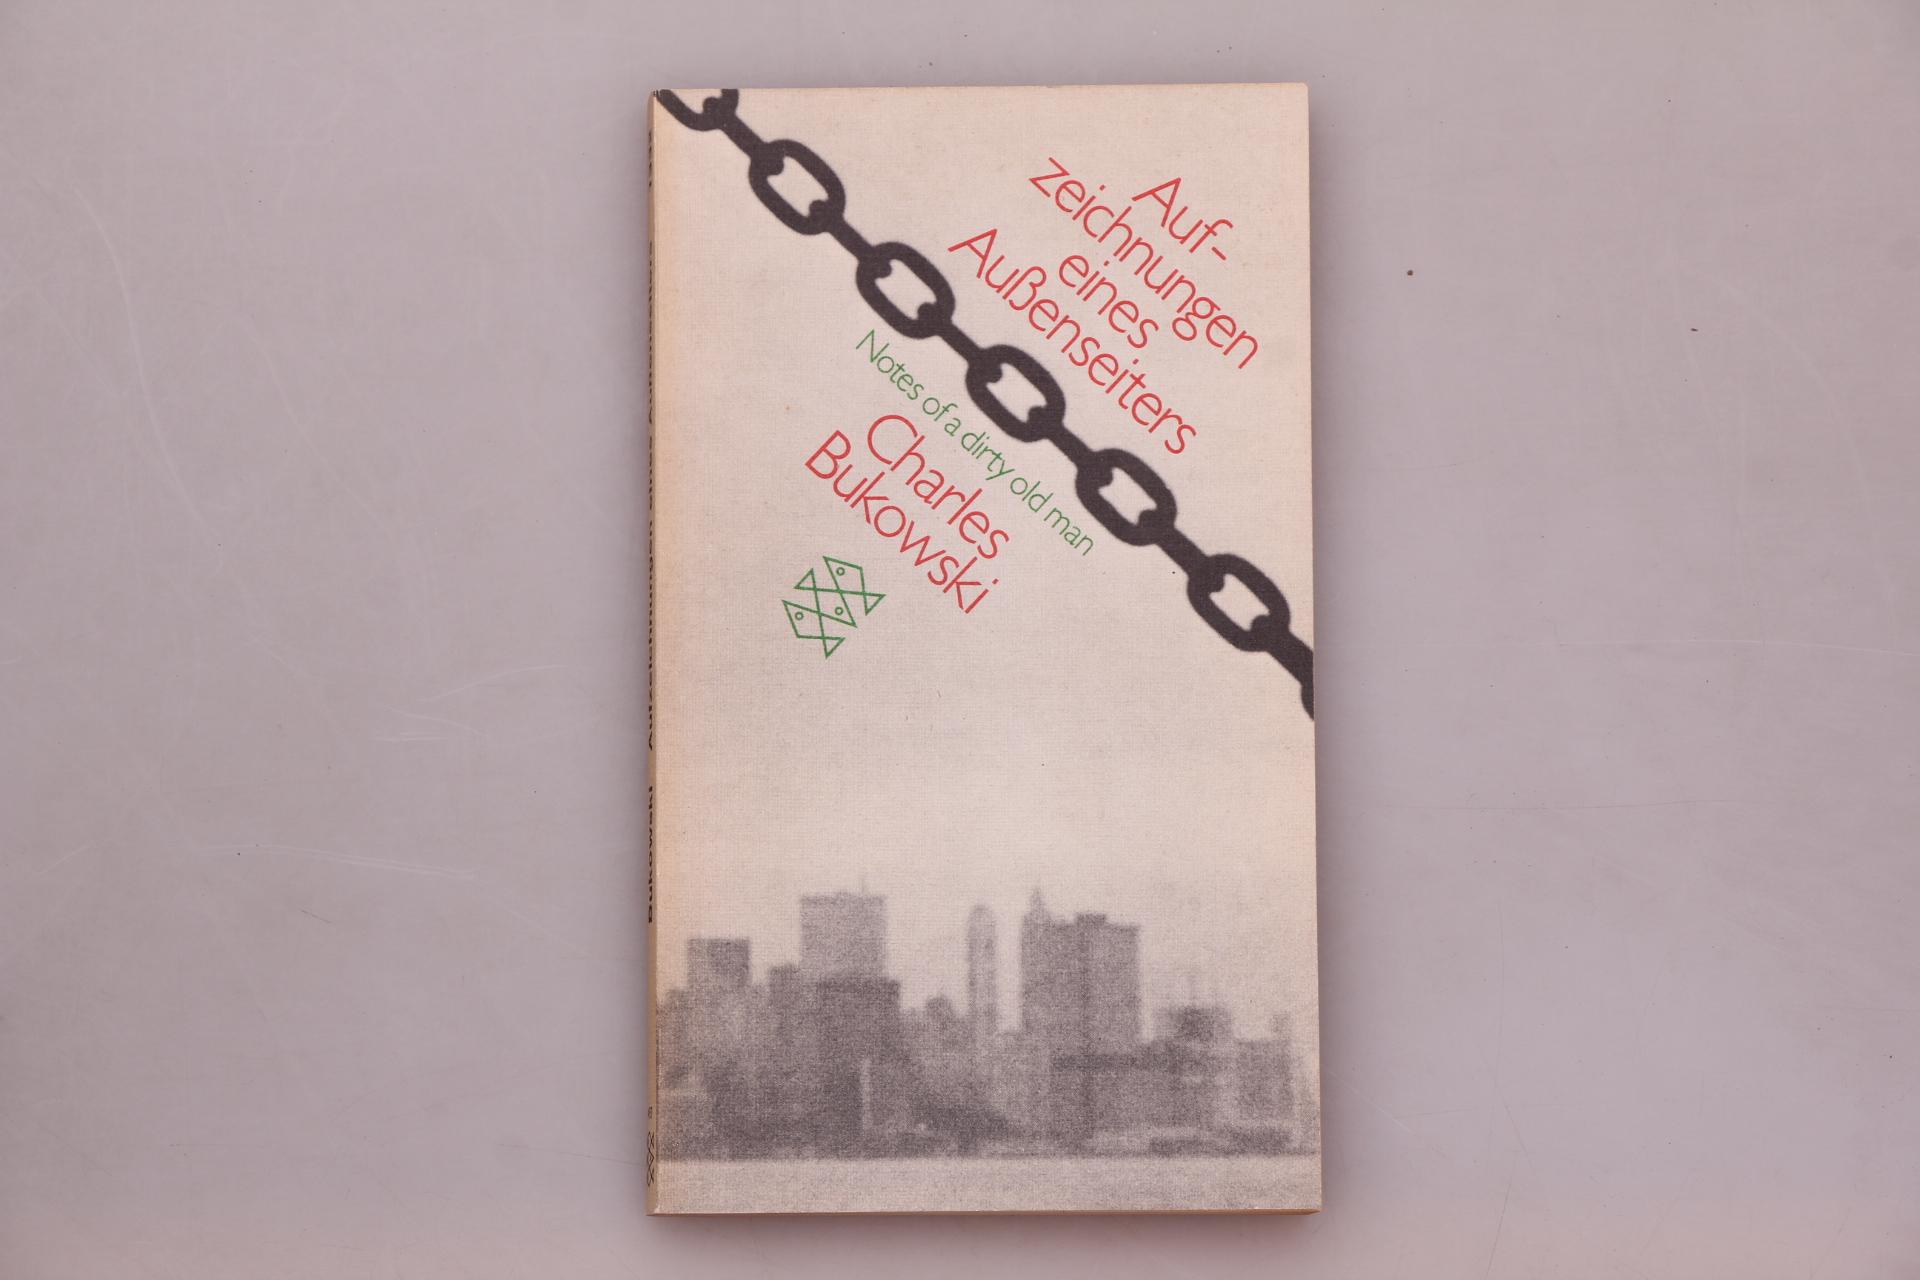 AUFZEICHNUNGEN EINES AUSSENSEITERS. Notes of a dirty: Bukowski, Charles